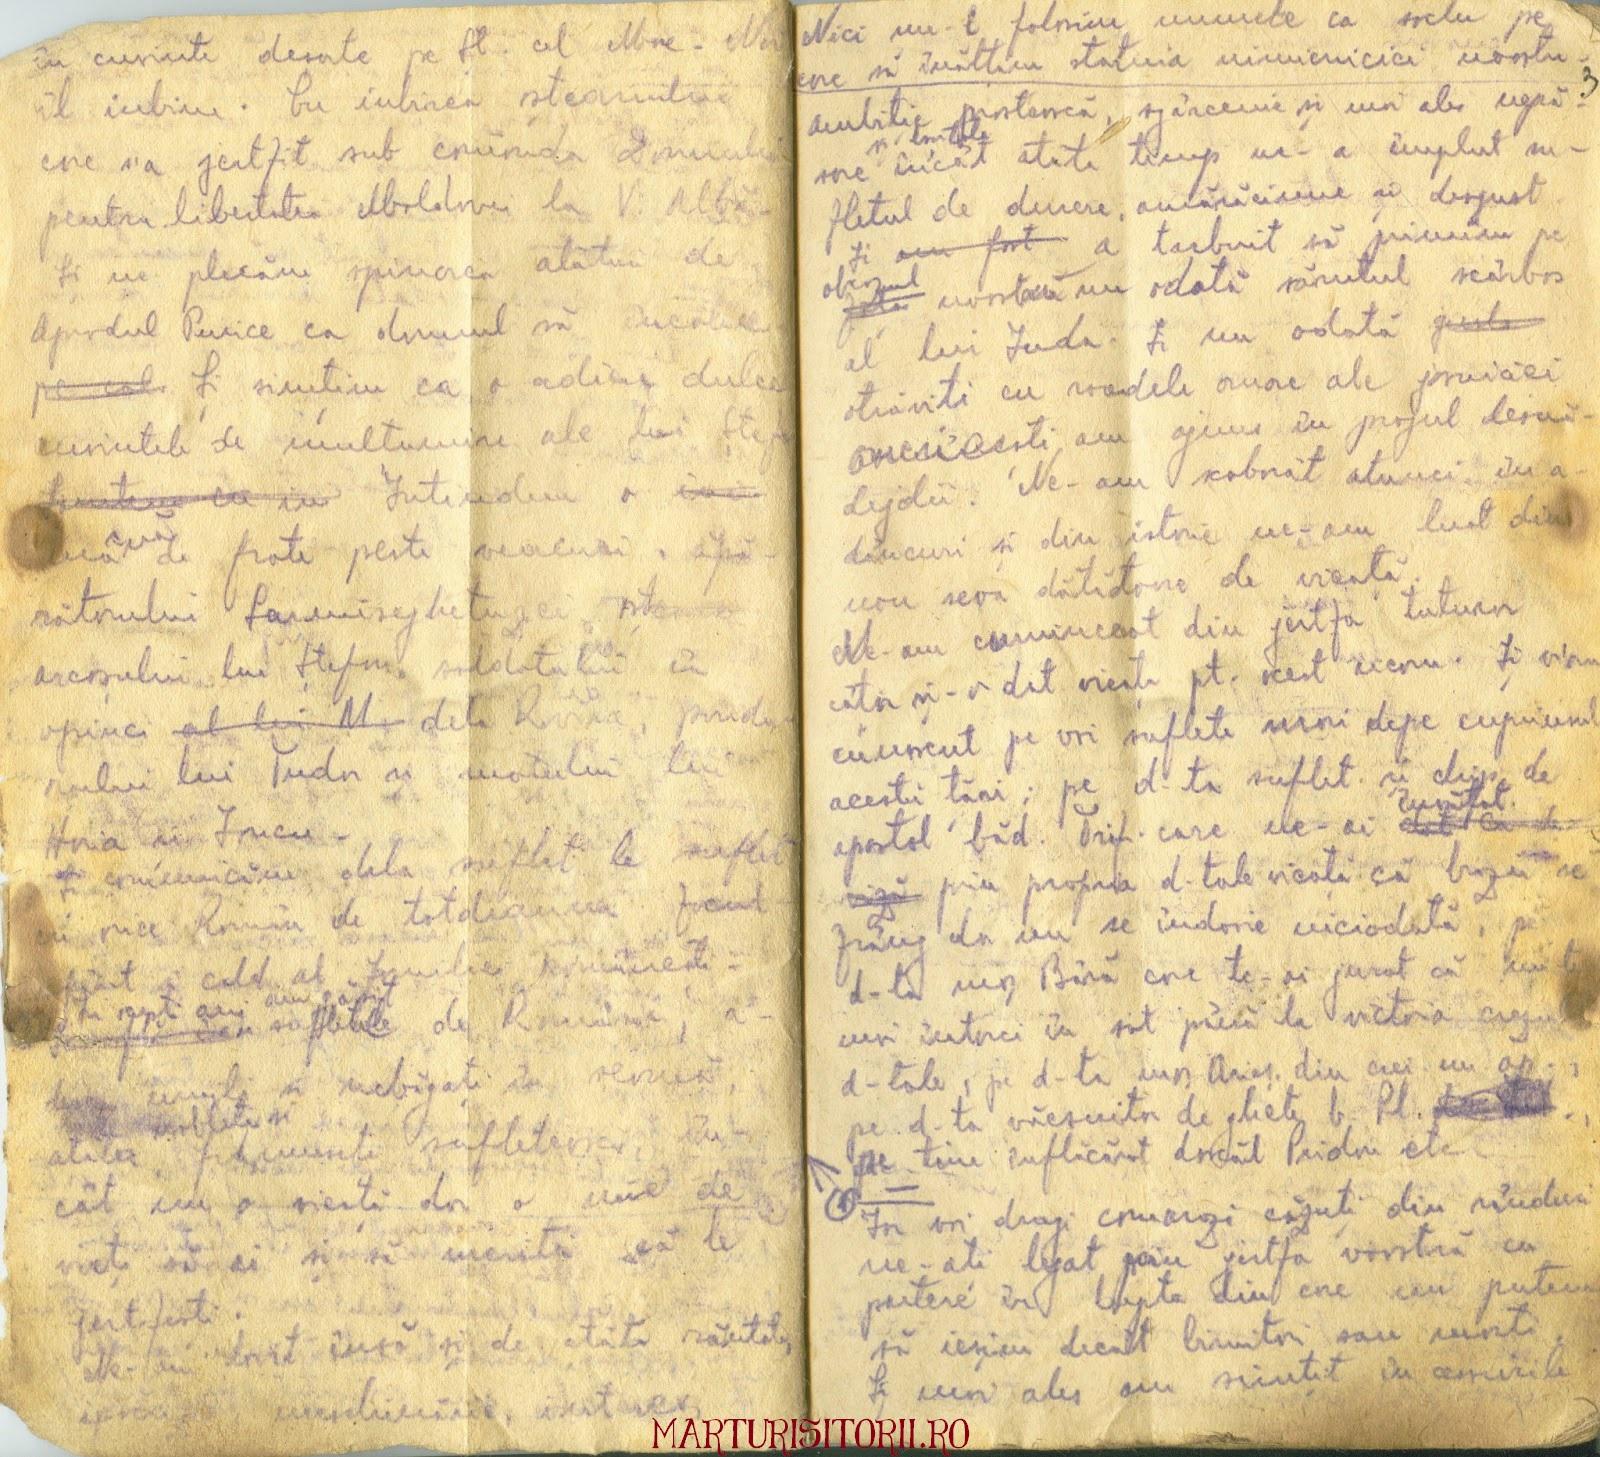 Testamentul-Grupului-Carpatin-Fagarasan-Ogoranu-3-Manuscris-CNSAS-Marturisitorii-Ro